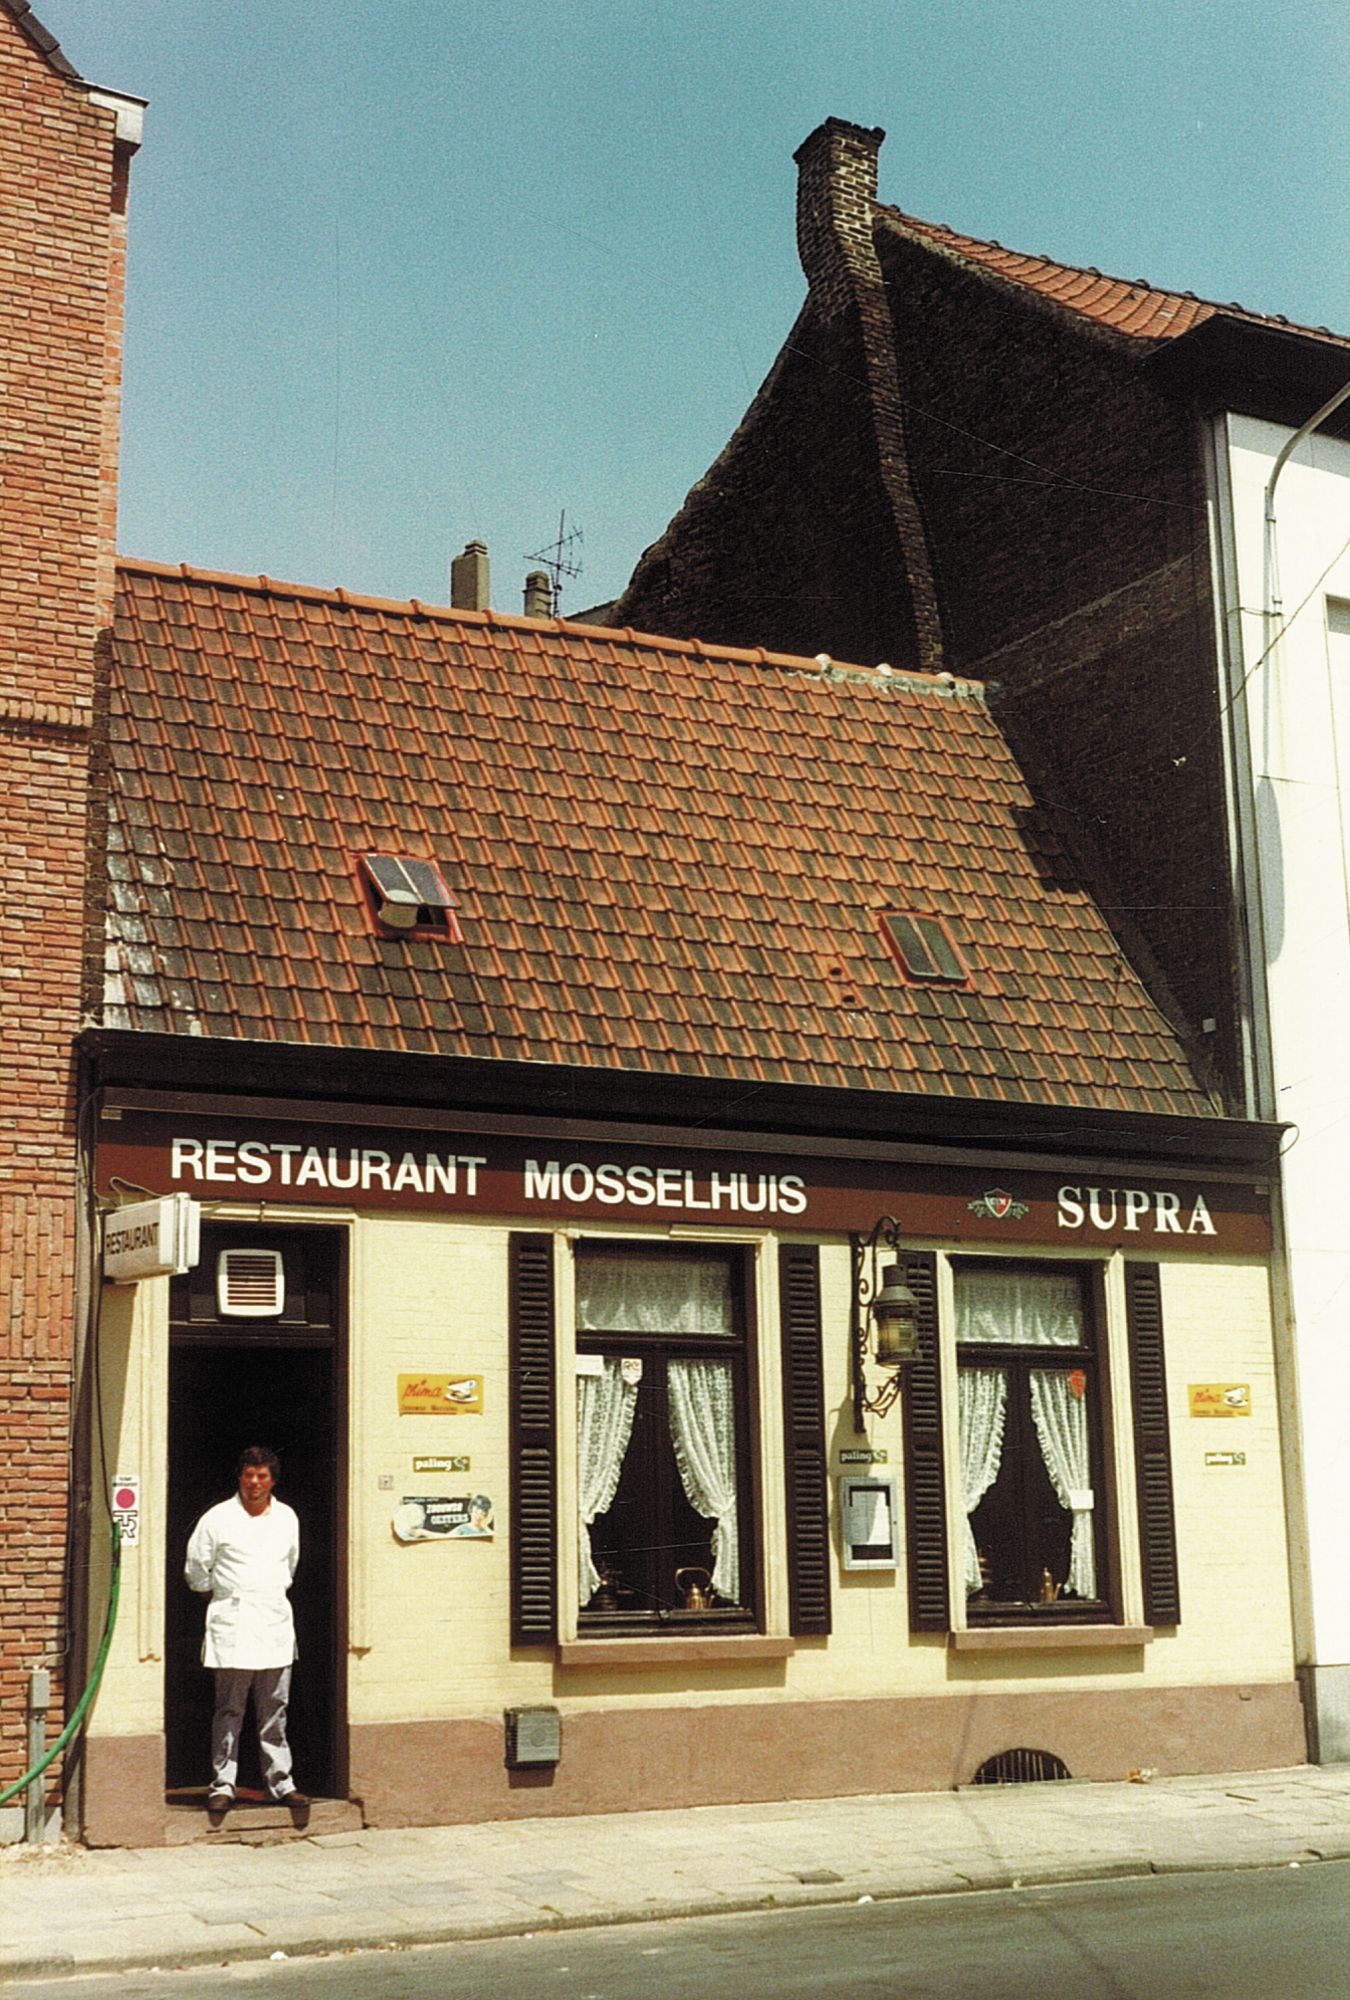 Restaurant Mosselhuis